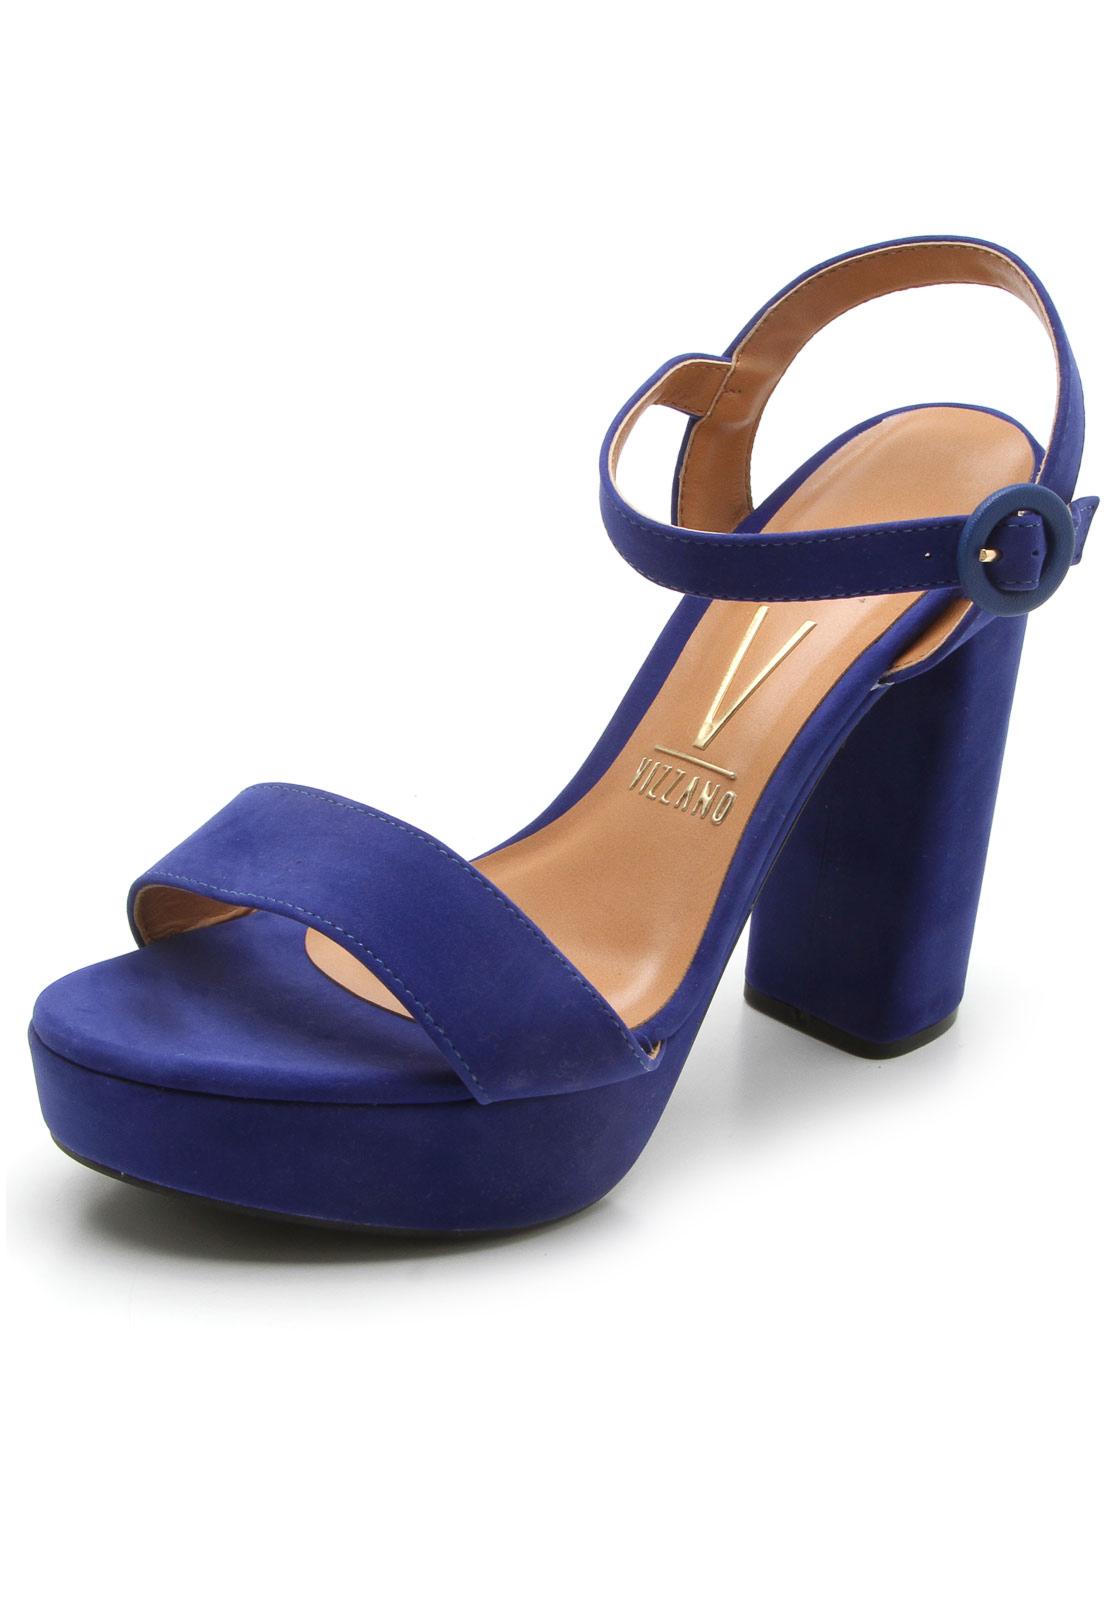 7d1e7d1a35 sandálias salto alto - salto grosso - black and red - high heels - winter  shoes - Inverno 2015 - Ref. 15-3956